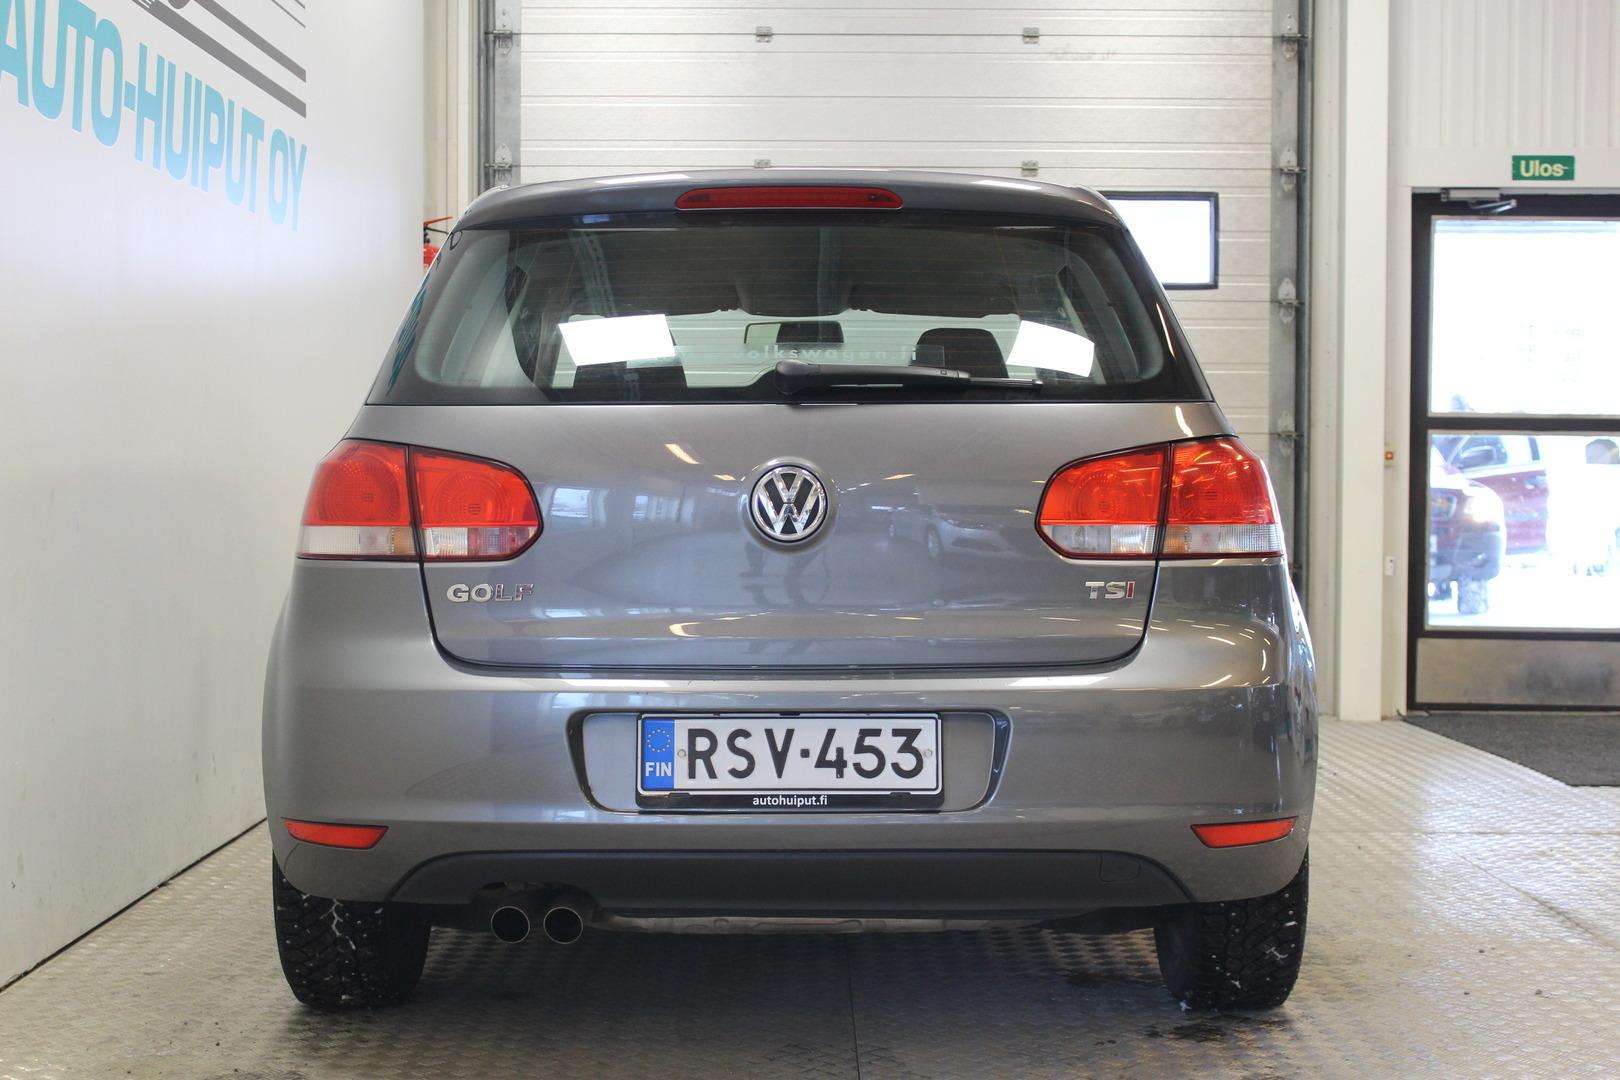 Volkswagen Golf, 1,4 TSI 90 kW, DSG-autom. 4-ovinen Comfortline #Vähän ajettu #Automaatti